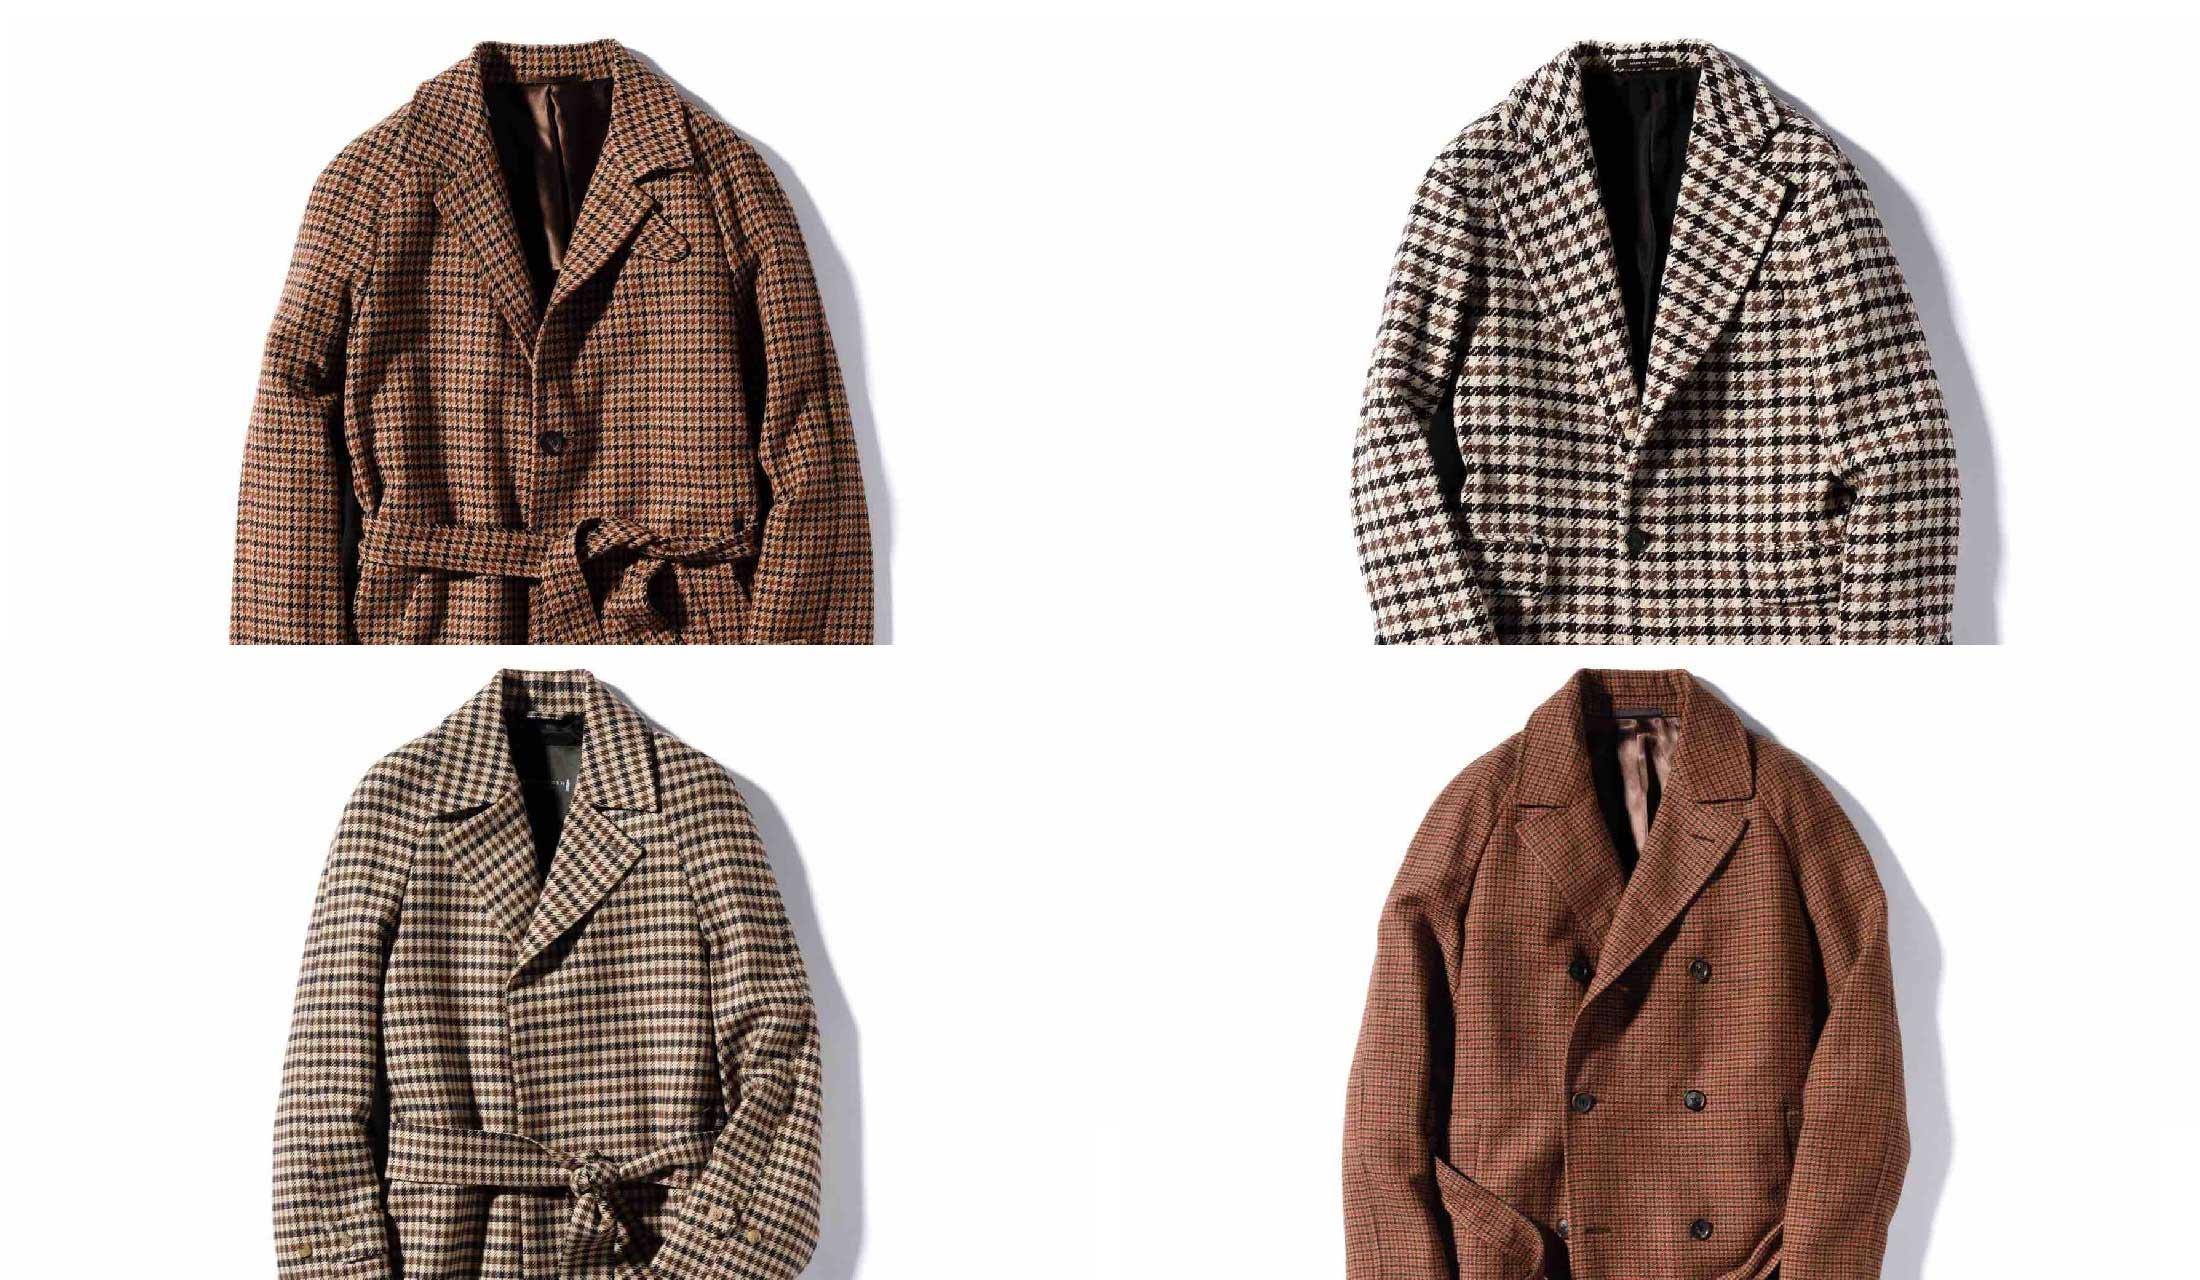 カルーゾ、マッキントッシュ ロンドン、タリアトーレ、スティレ ラティーノのガンクラブチェックのコート